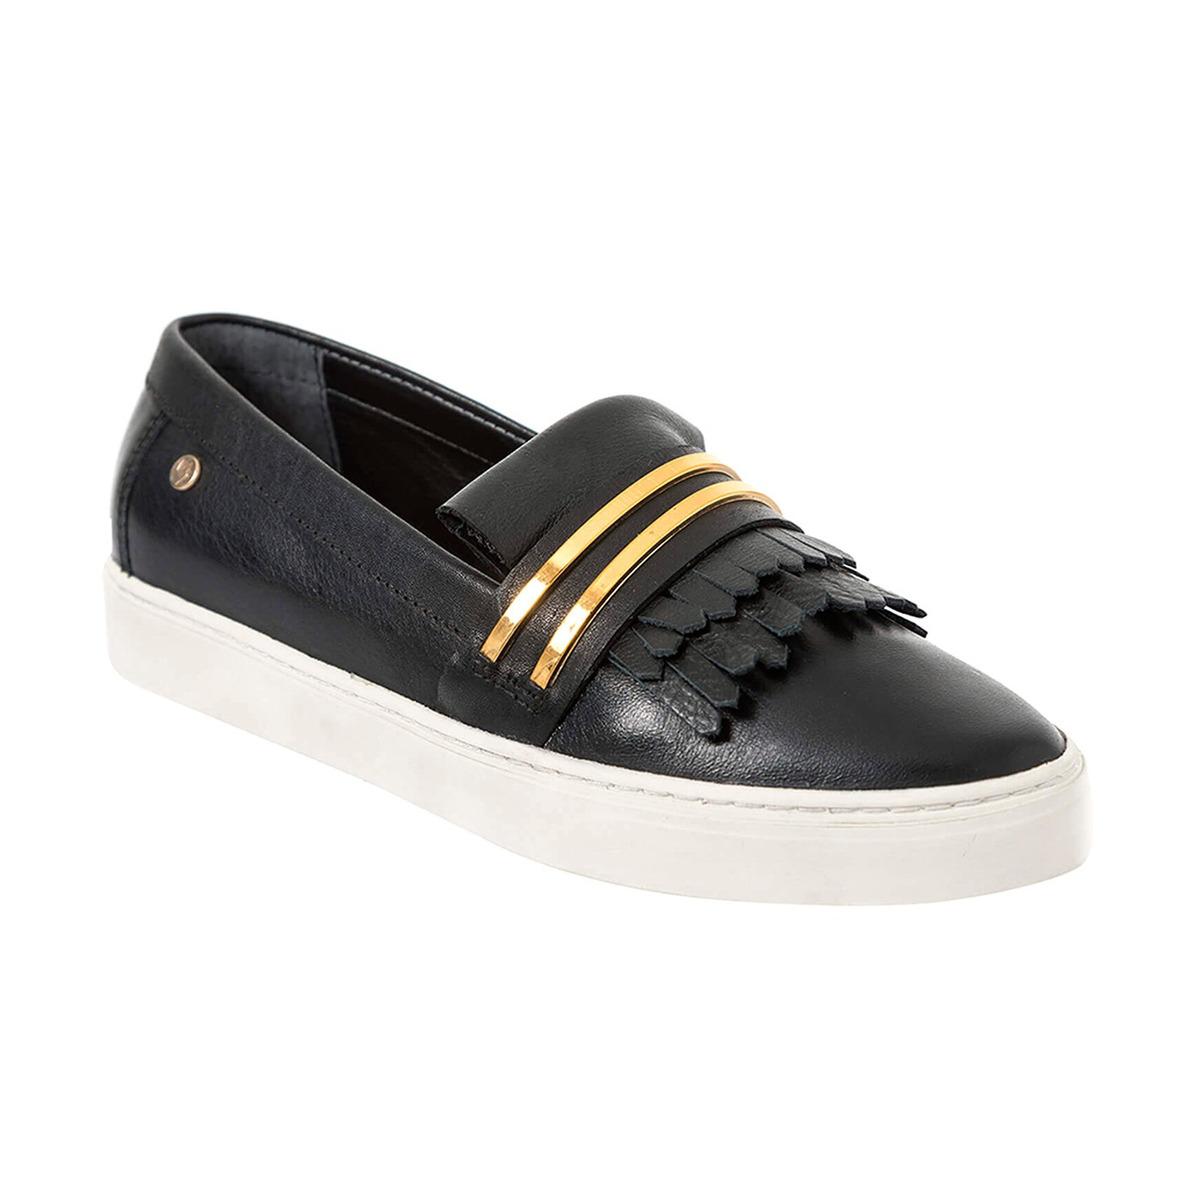 1ede9acde0e Zapatos Mocasines Mujer Negros Vélez 182020265 - $ 2,090.00 en ...